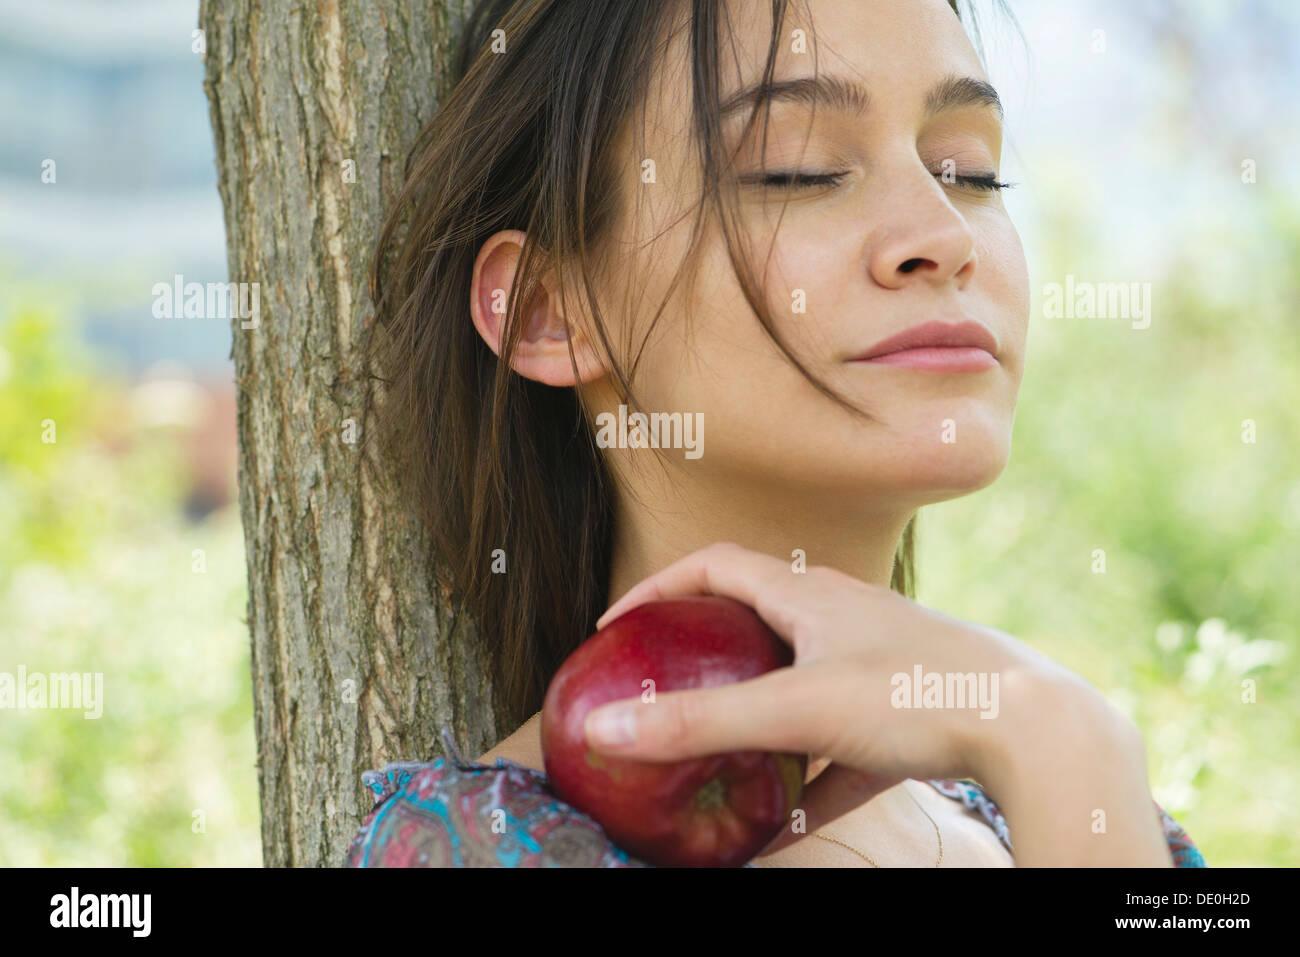 Frau entspannen im Freien mit geschlossenen Augen, mit Apfel Stockbild